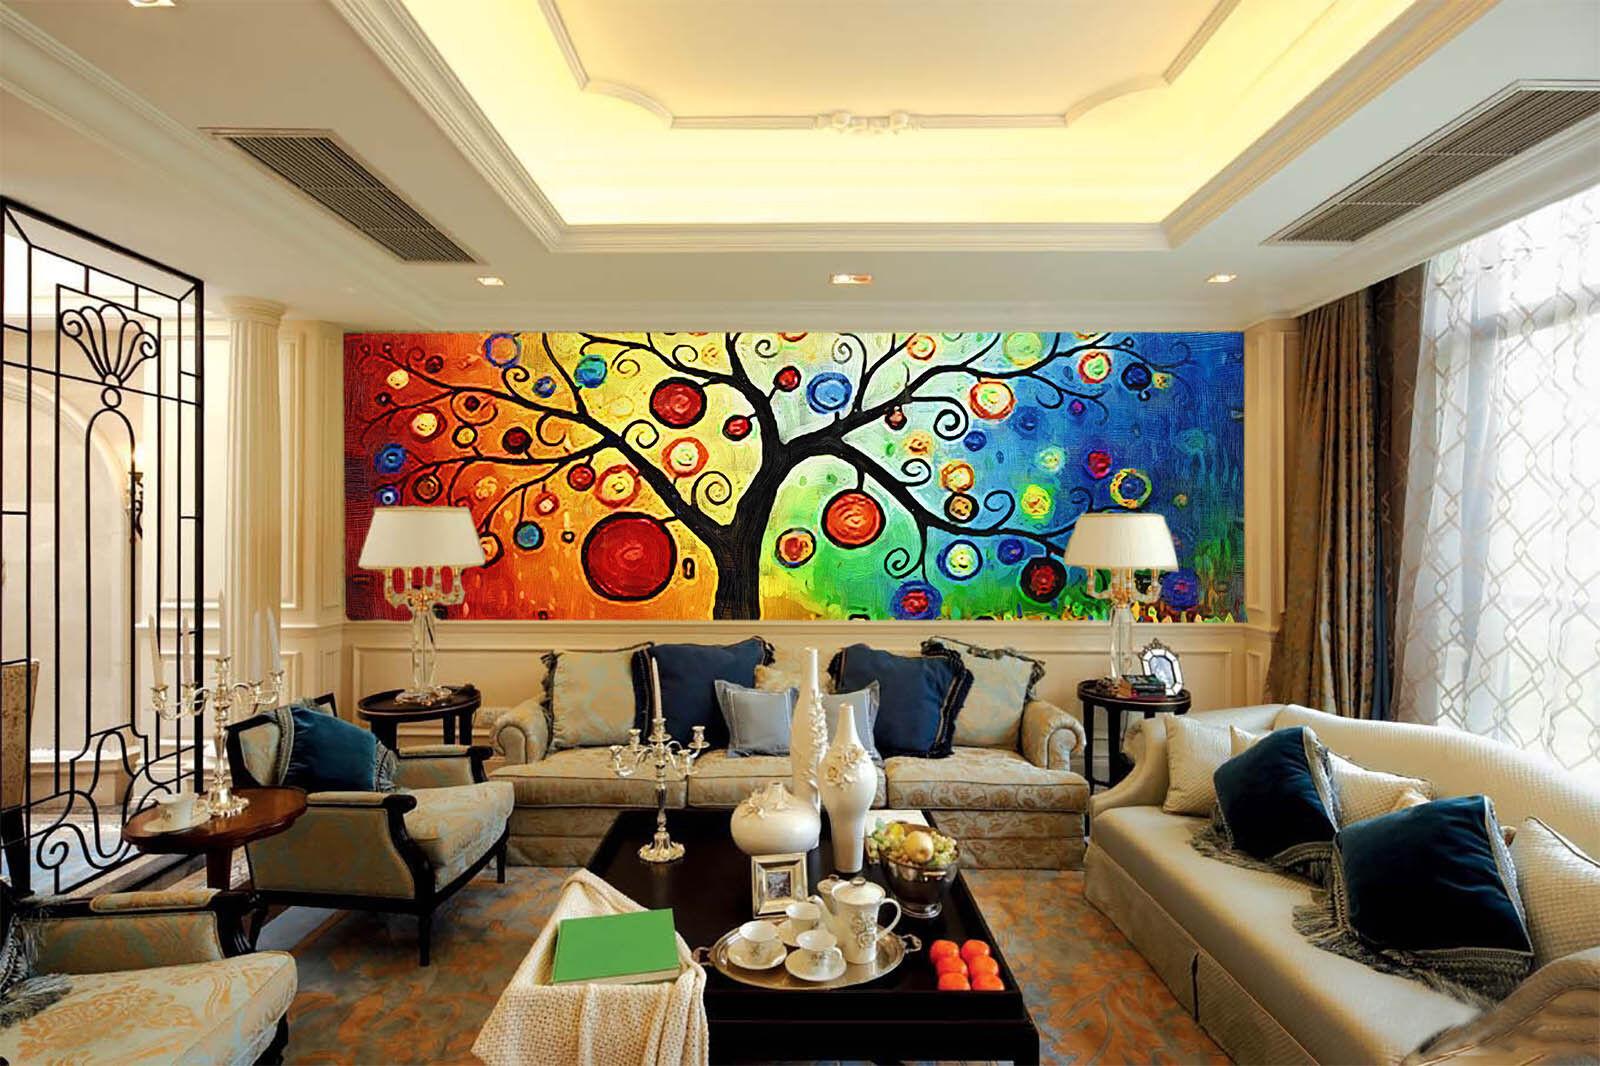 3D Aquarell Magischer Baum 85 Tapete Wandgemälde Tapete Tapeten Bild Familie DE | Online einkaufen  | Neuheit Spielzeug  | Langfristiger Ruf